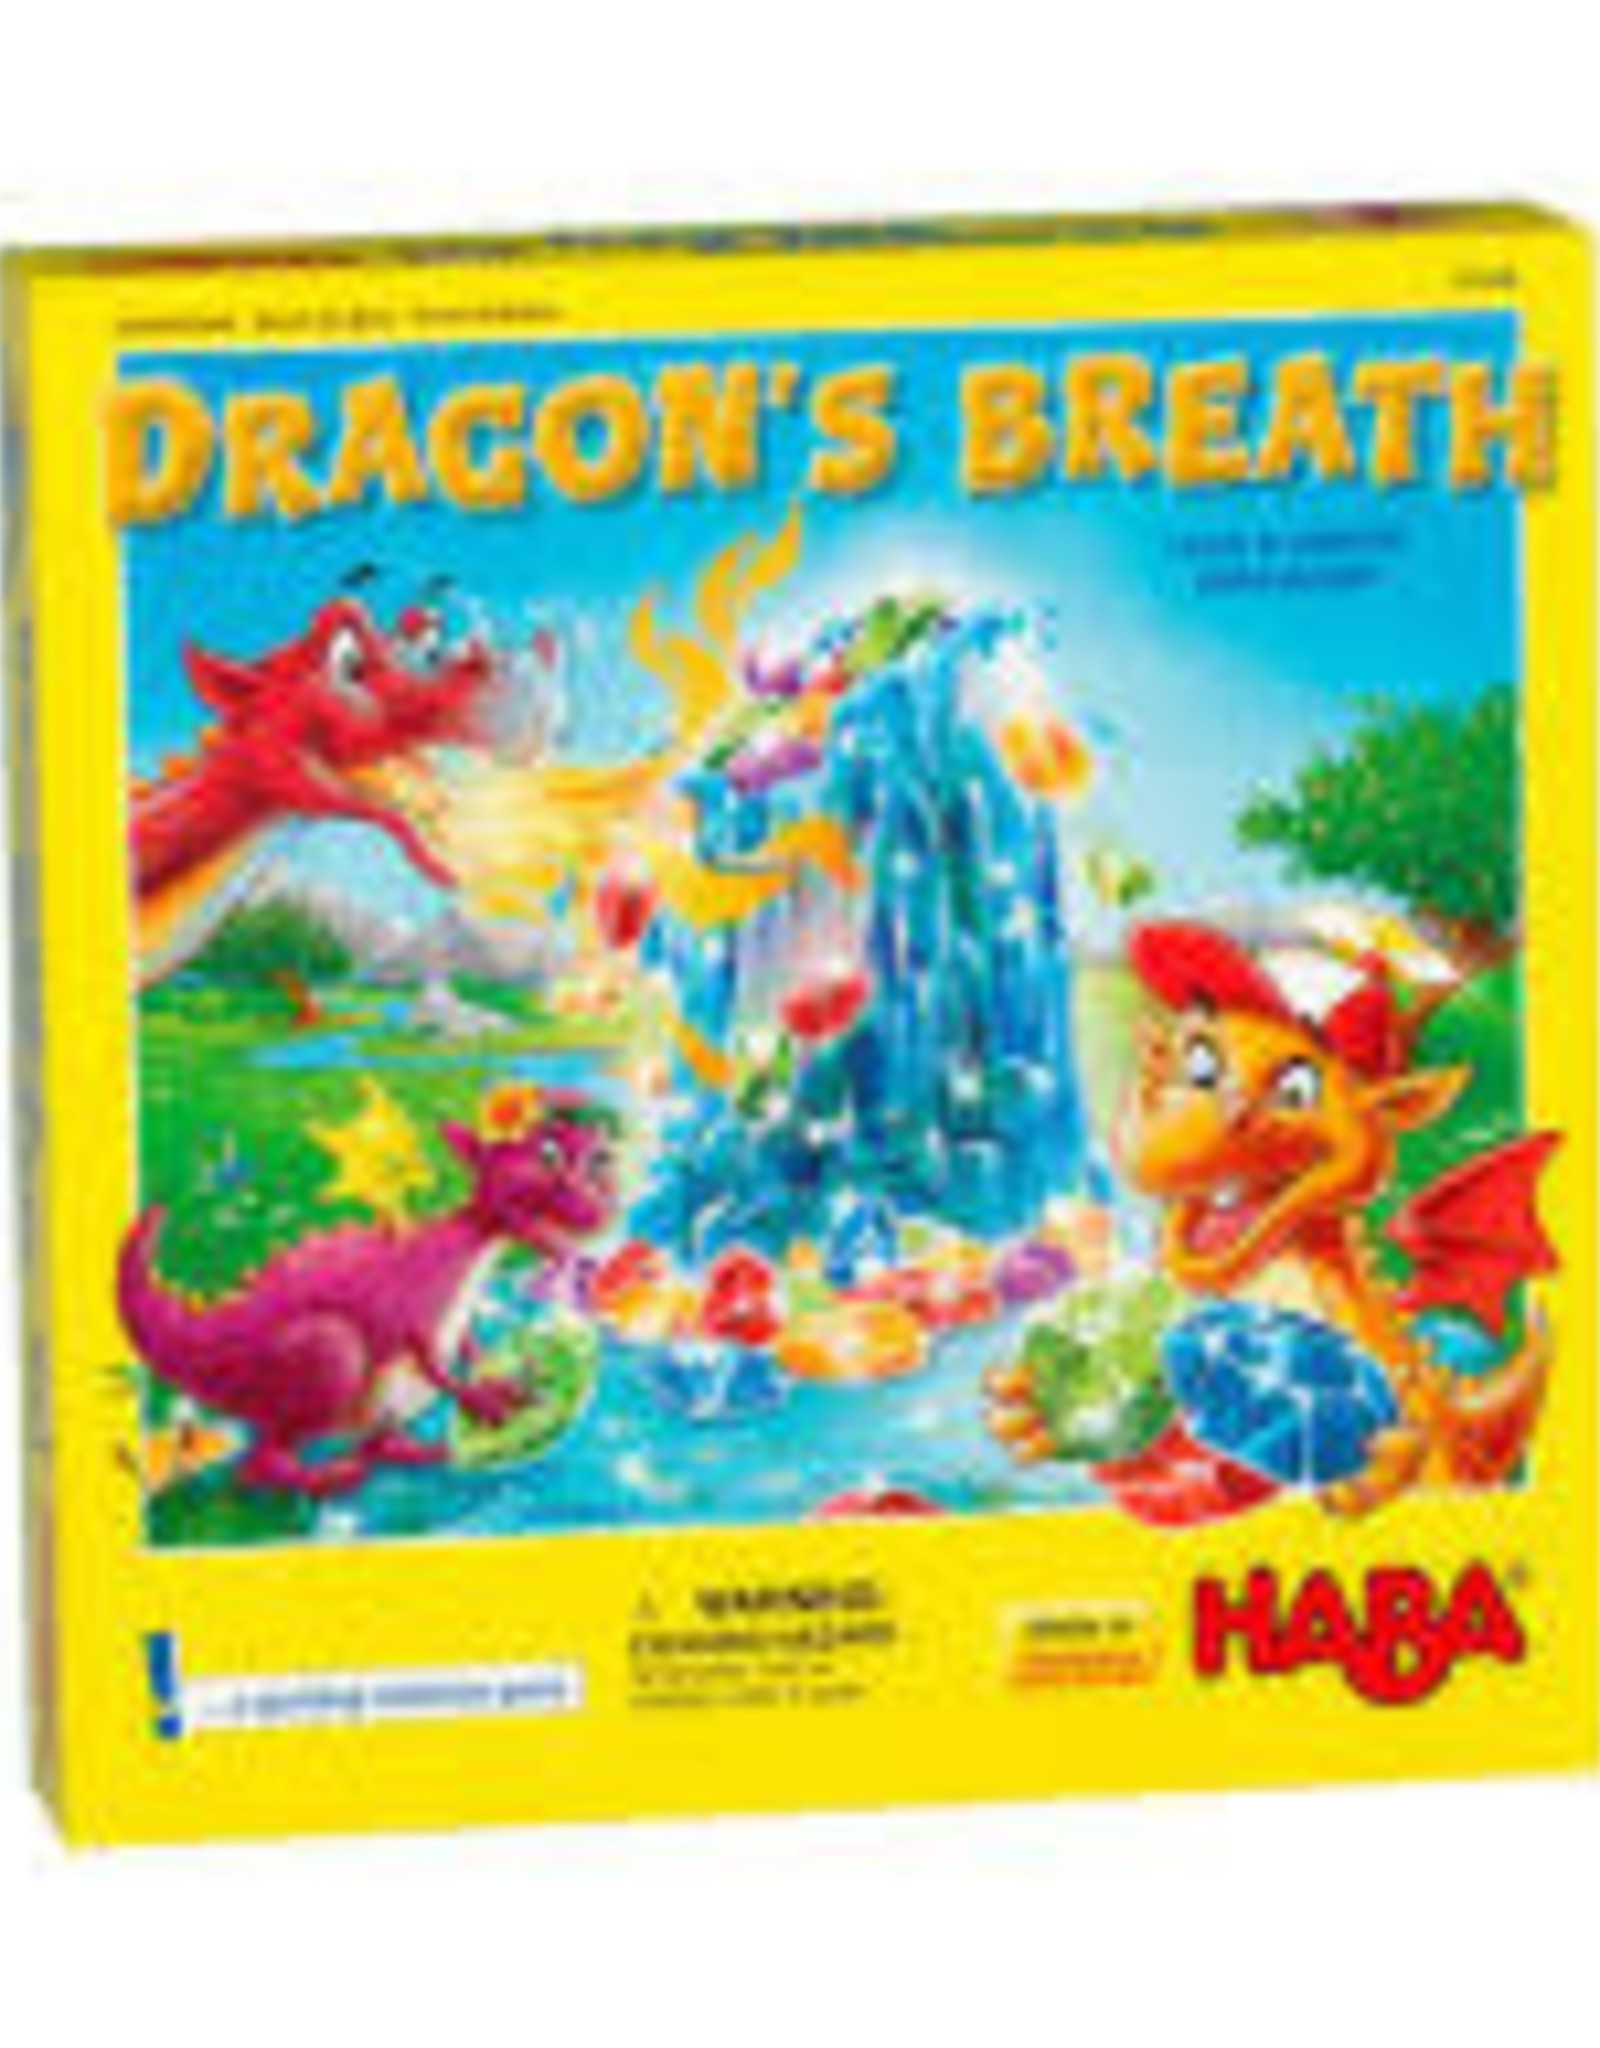 DRAGON'S BREATH